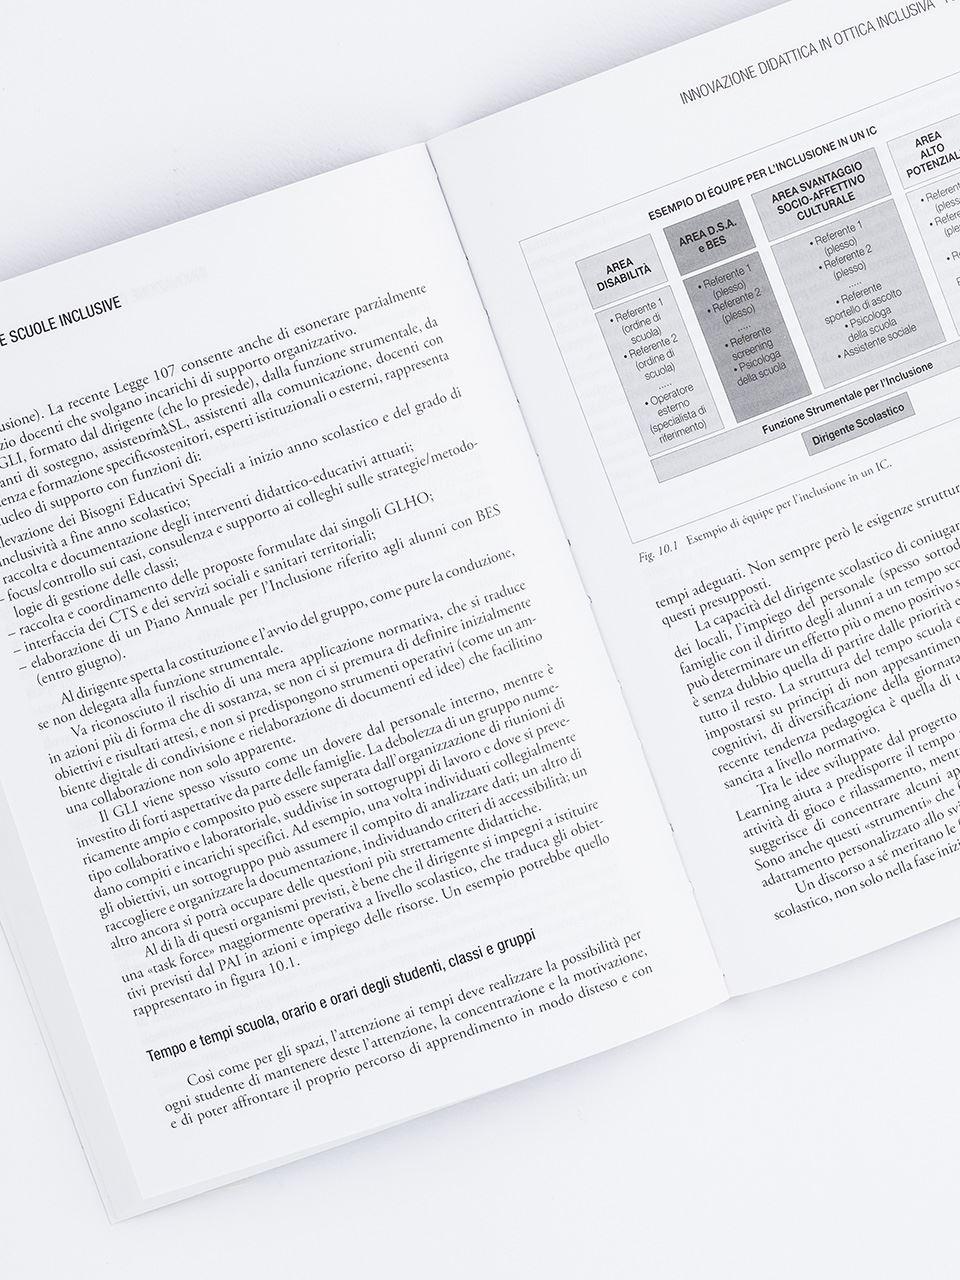 Dirigere scuole inclusive - Libri - Erickson 2